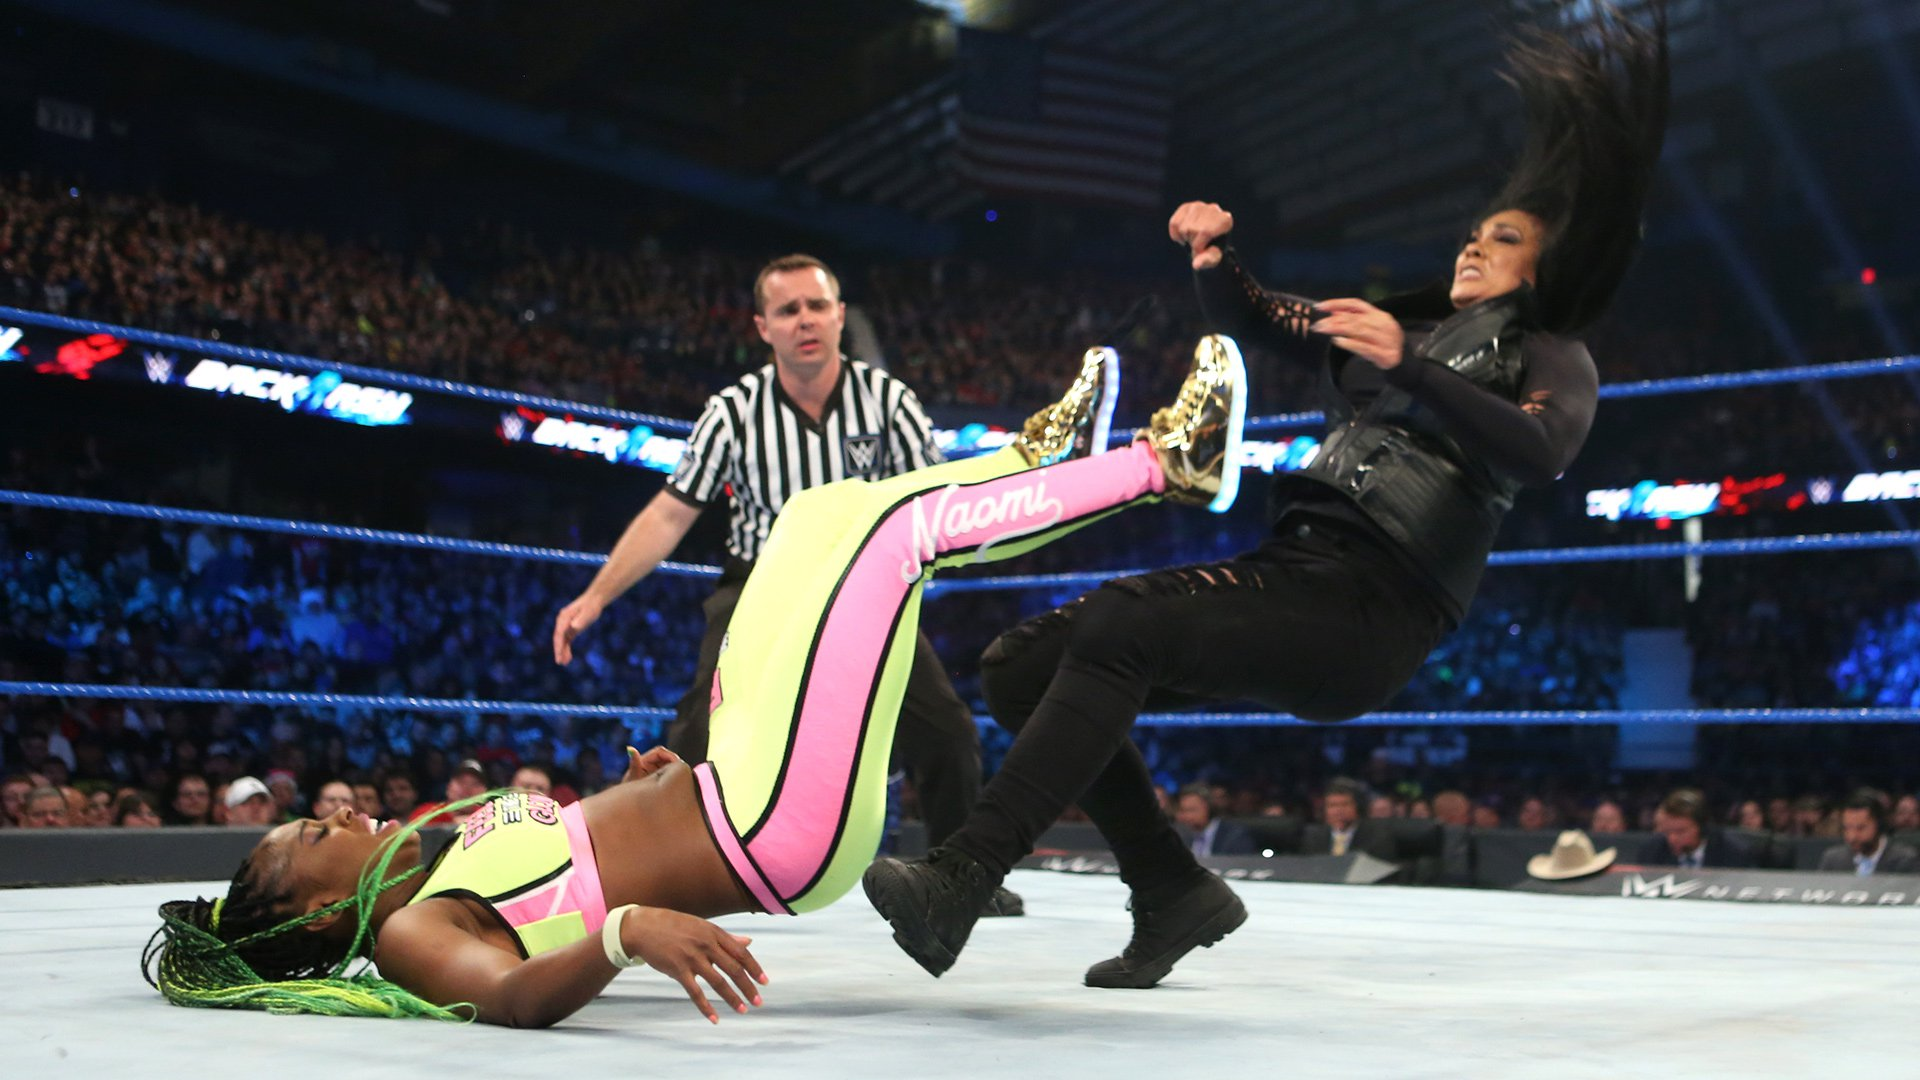 Naomi takes down Tamina with authority.